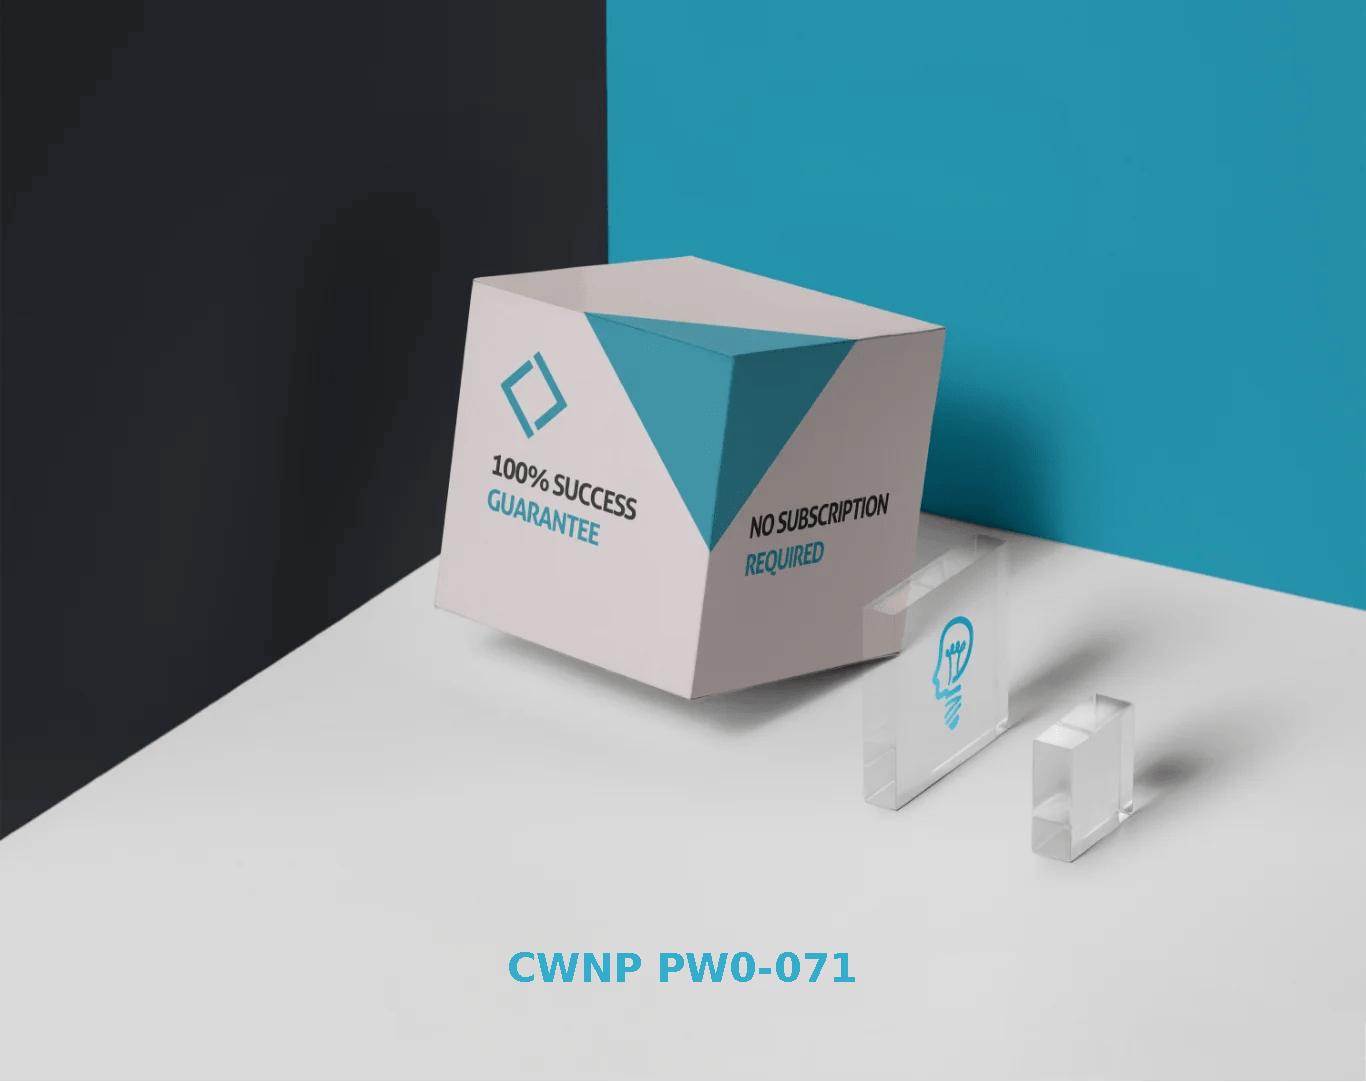 PW0-071 Dumps